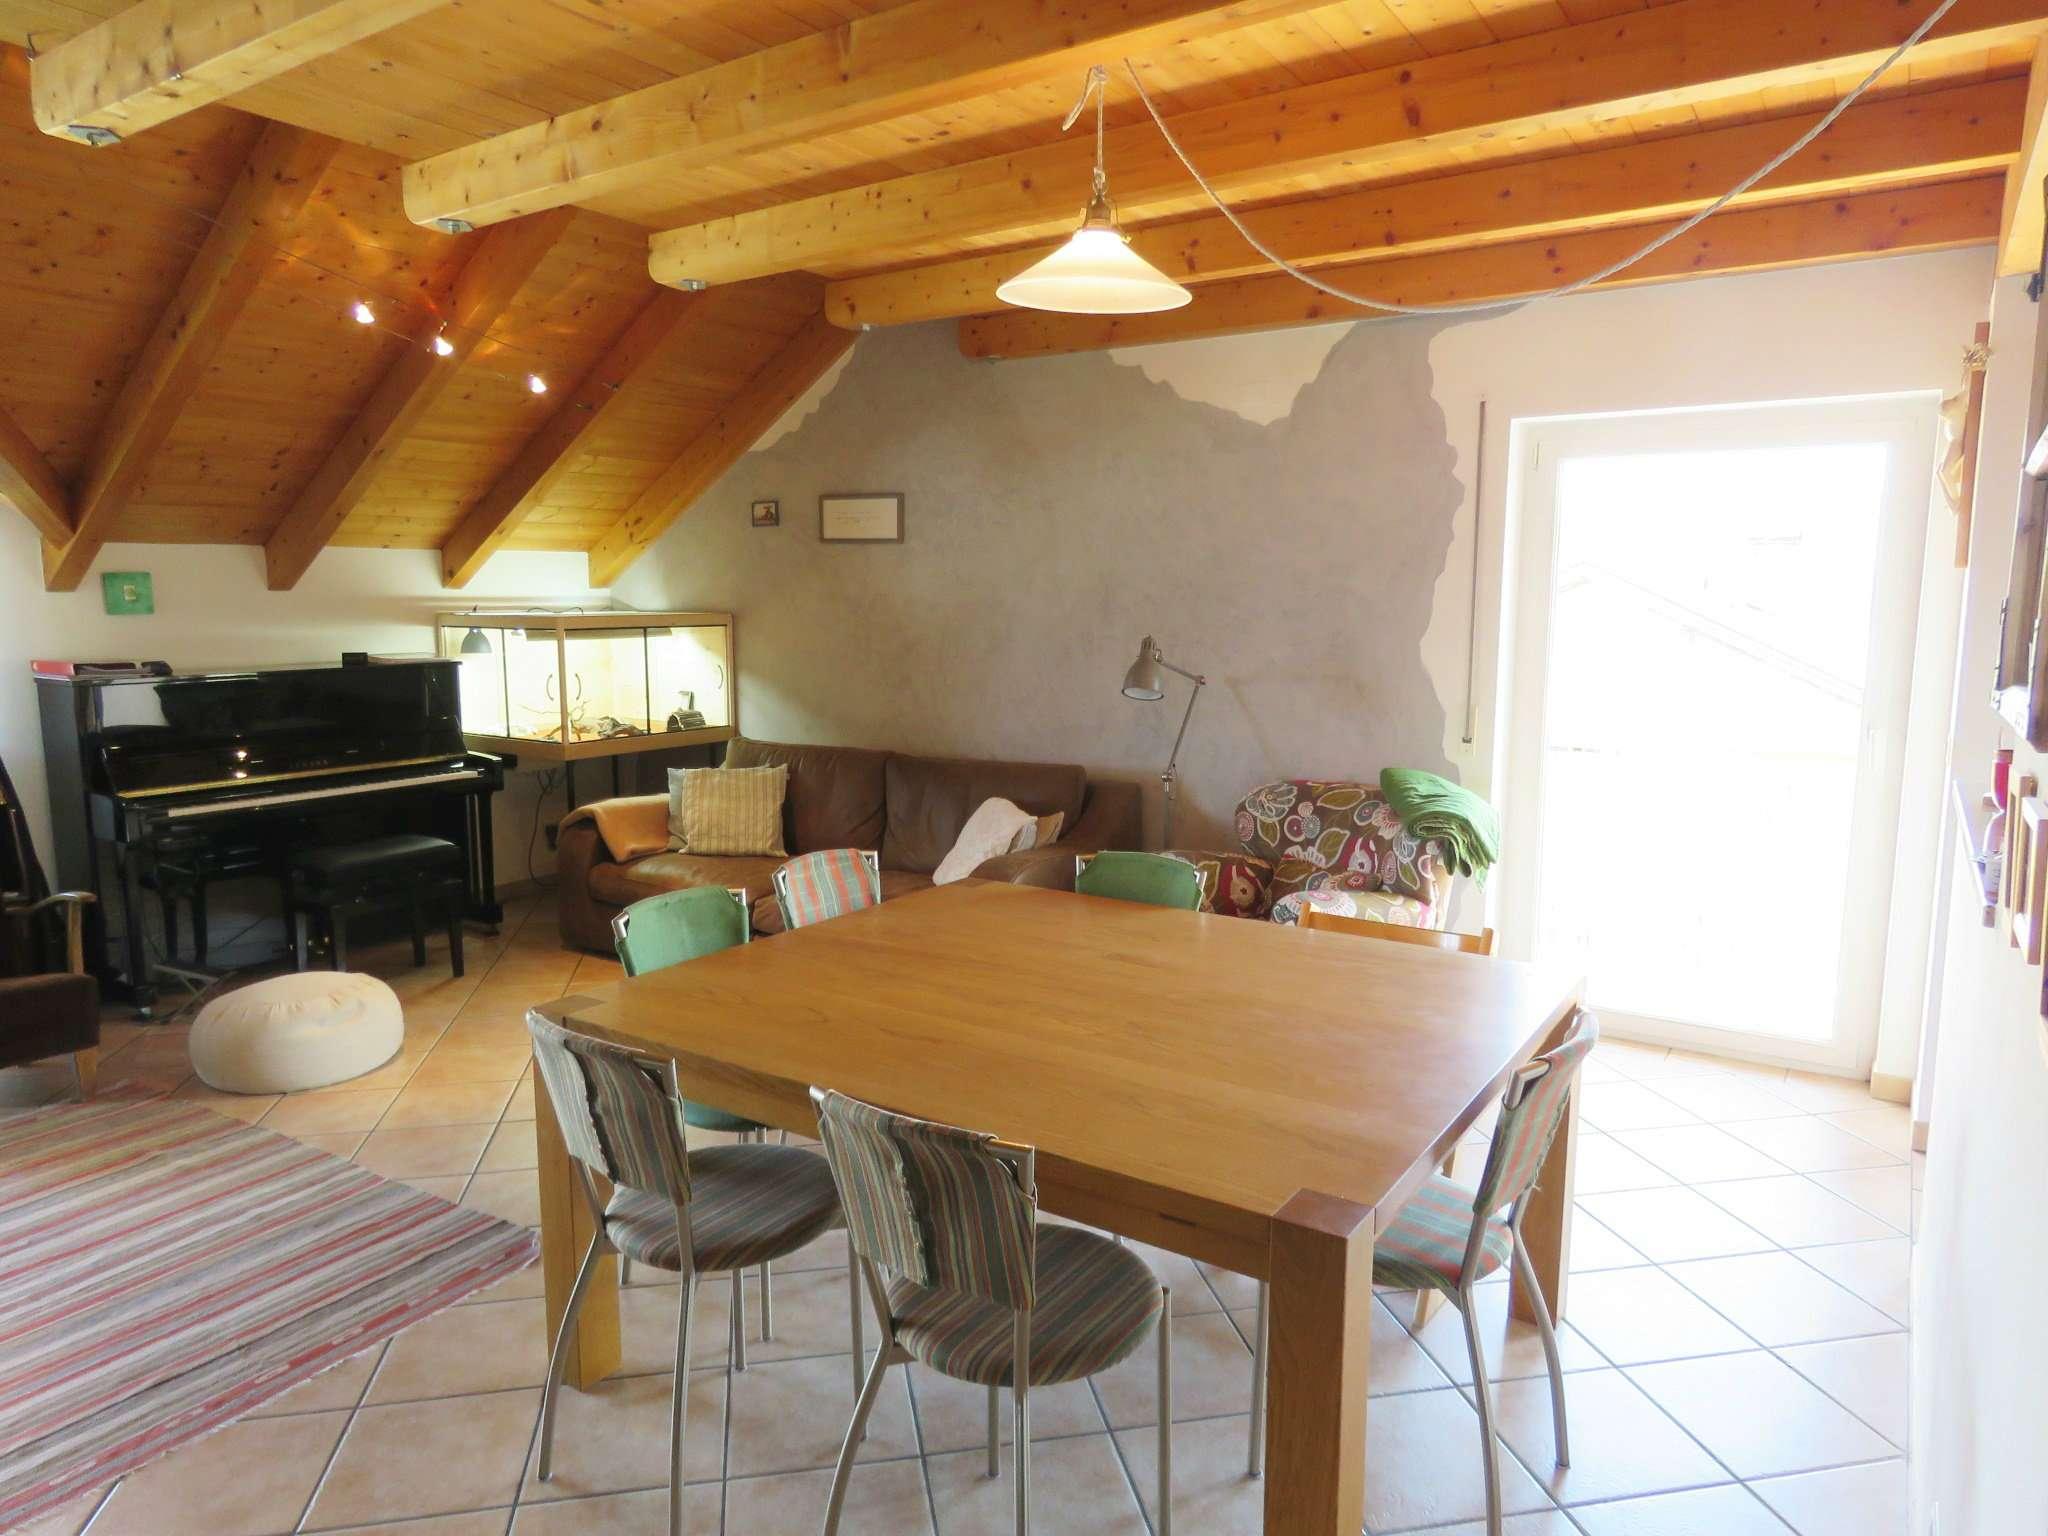 Attico / Mansarda in vendita a Appiano sulla Strada del Vino, 4 locali, prezzo € 455.000 | Cambio Casa.it